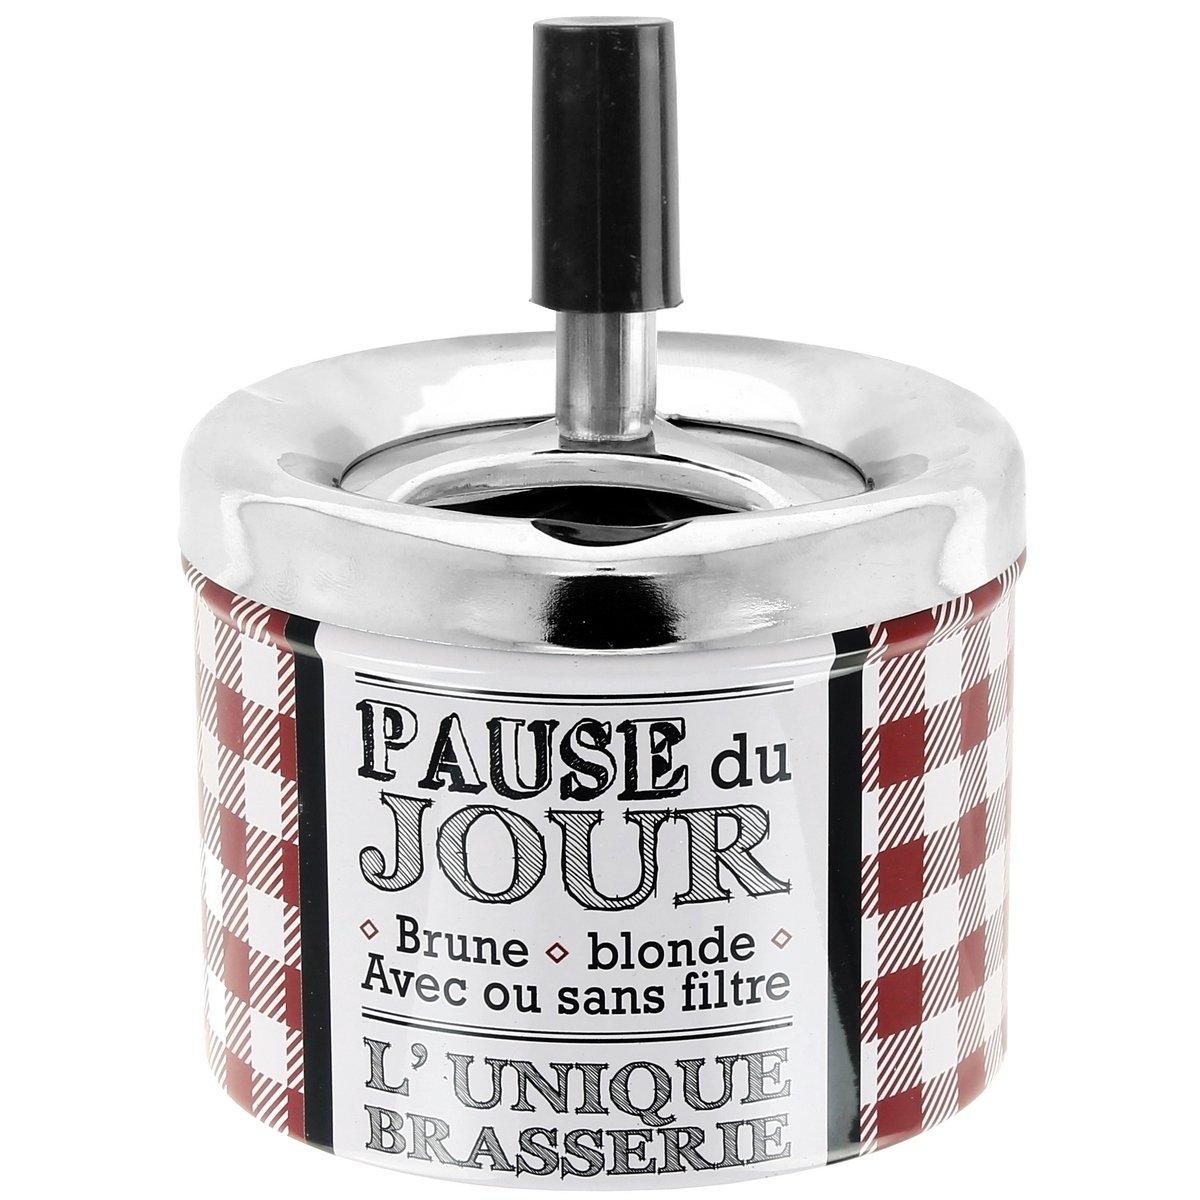 Promobo Cendrier Push Inscription Pause du Jour Thè me Bistrot Vichy